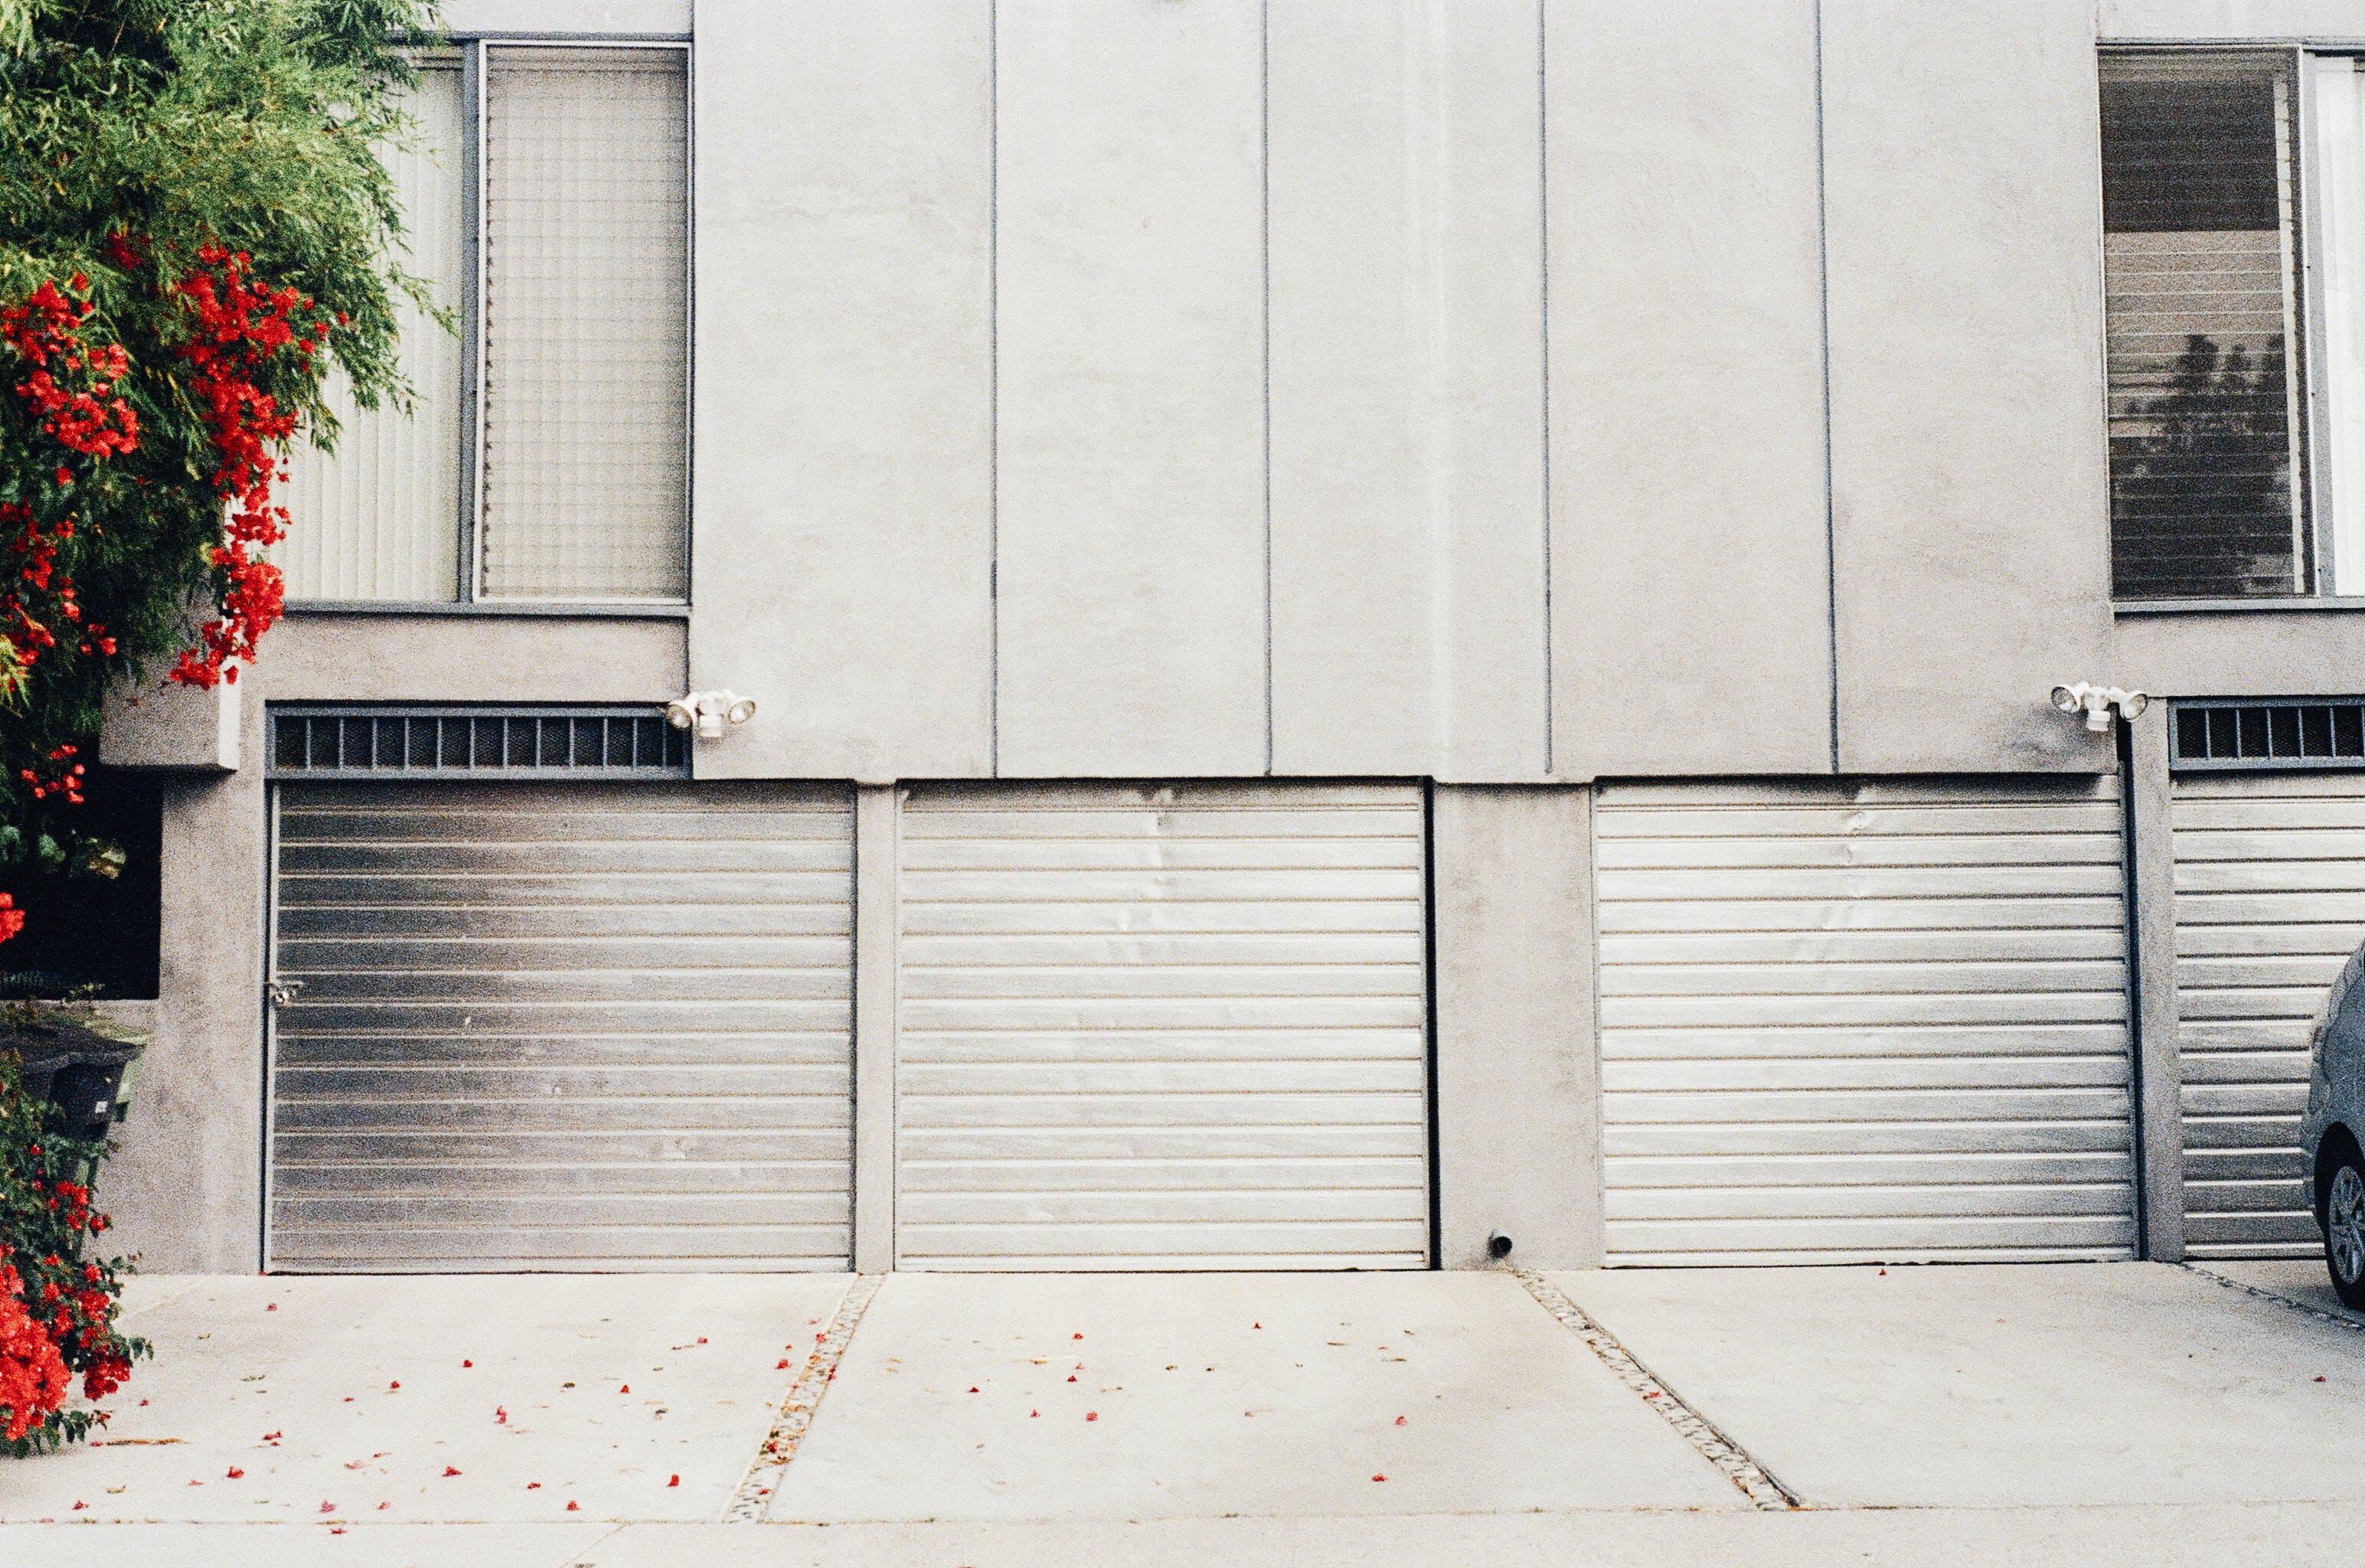 Gray Metal Shutter Door at the Garage